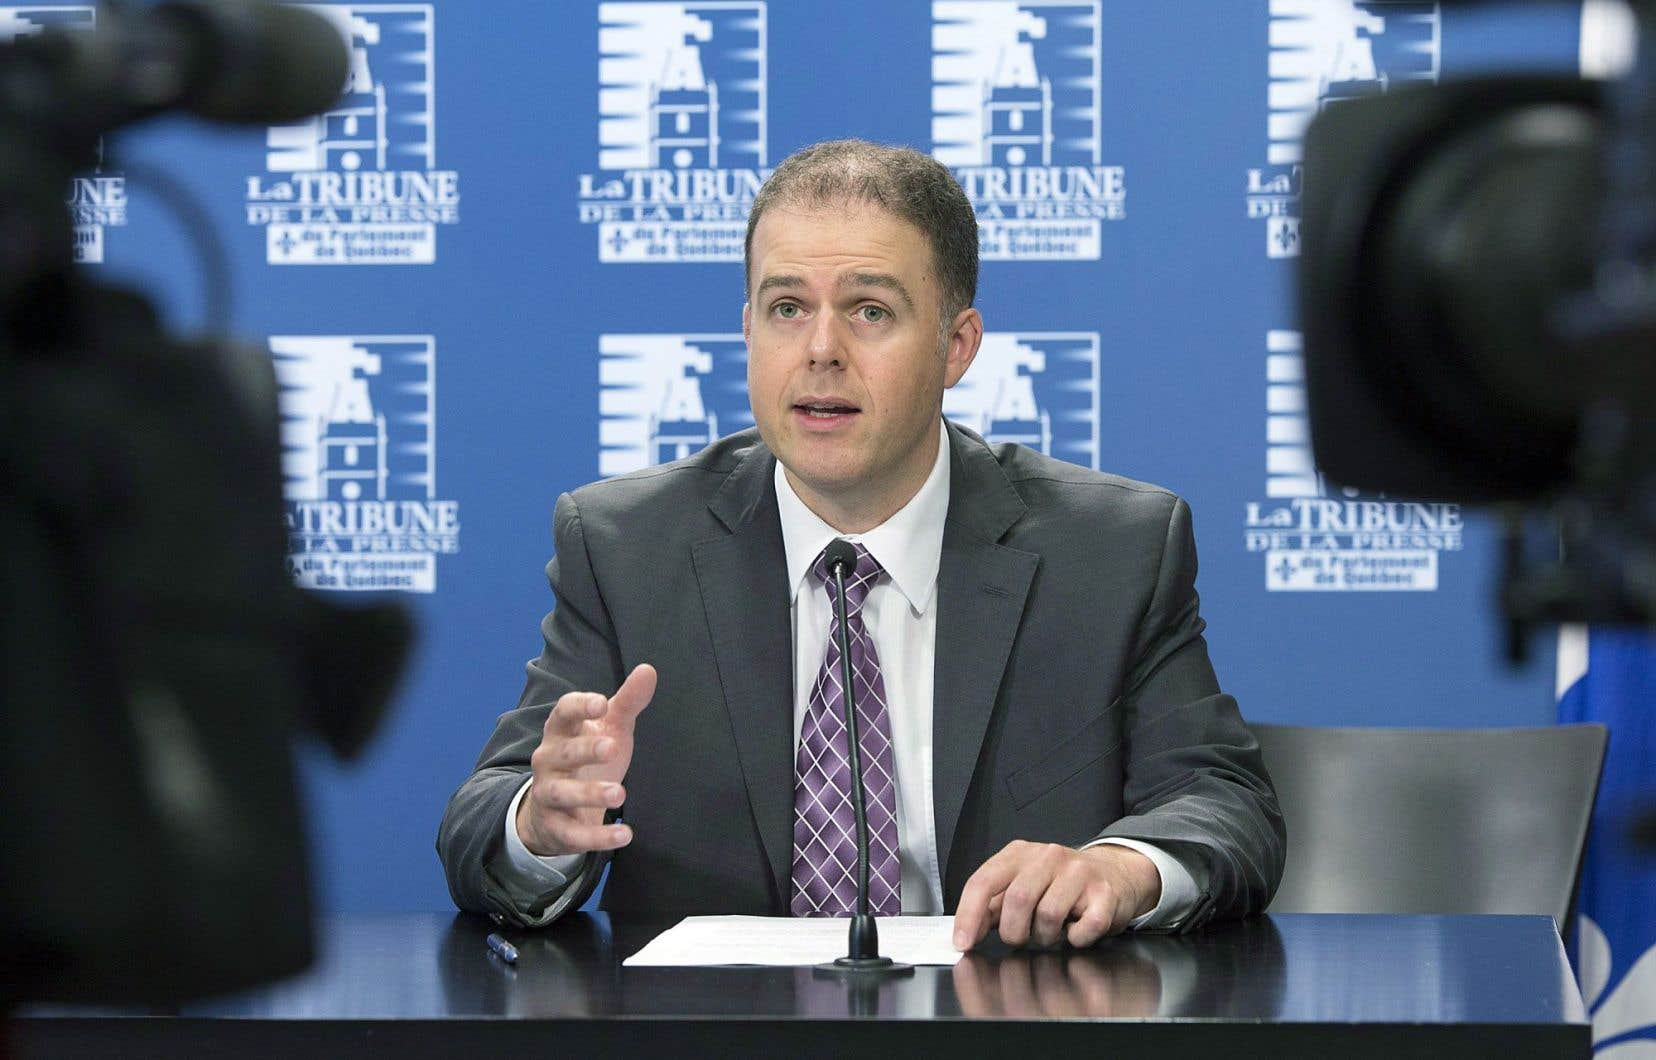 Le président-directeur général de Pétrolia, Alexandre Gagnon, a justifié sa décision en dénonçant l'attitude du gouvernement, qu'il a accusé d'avoir multiplié les «déclarations négatives» au cours des derniers mois.